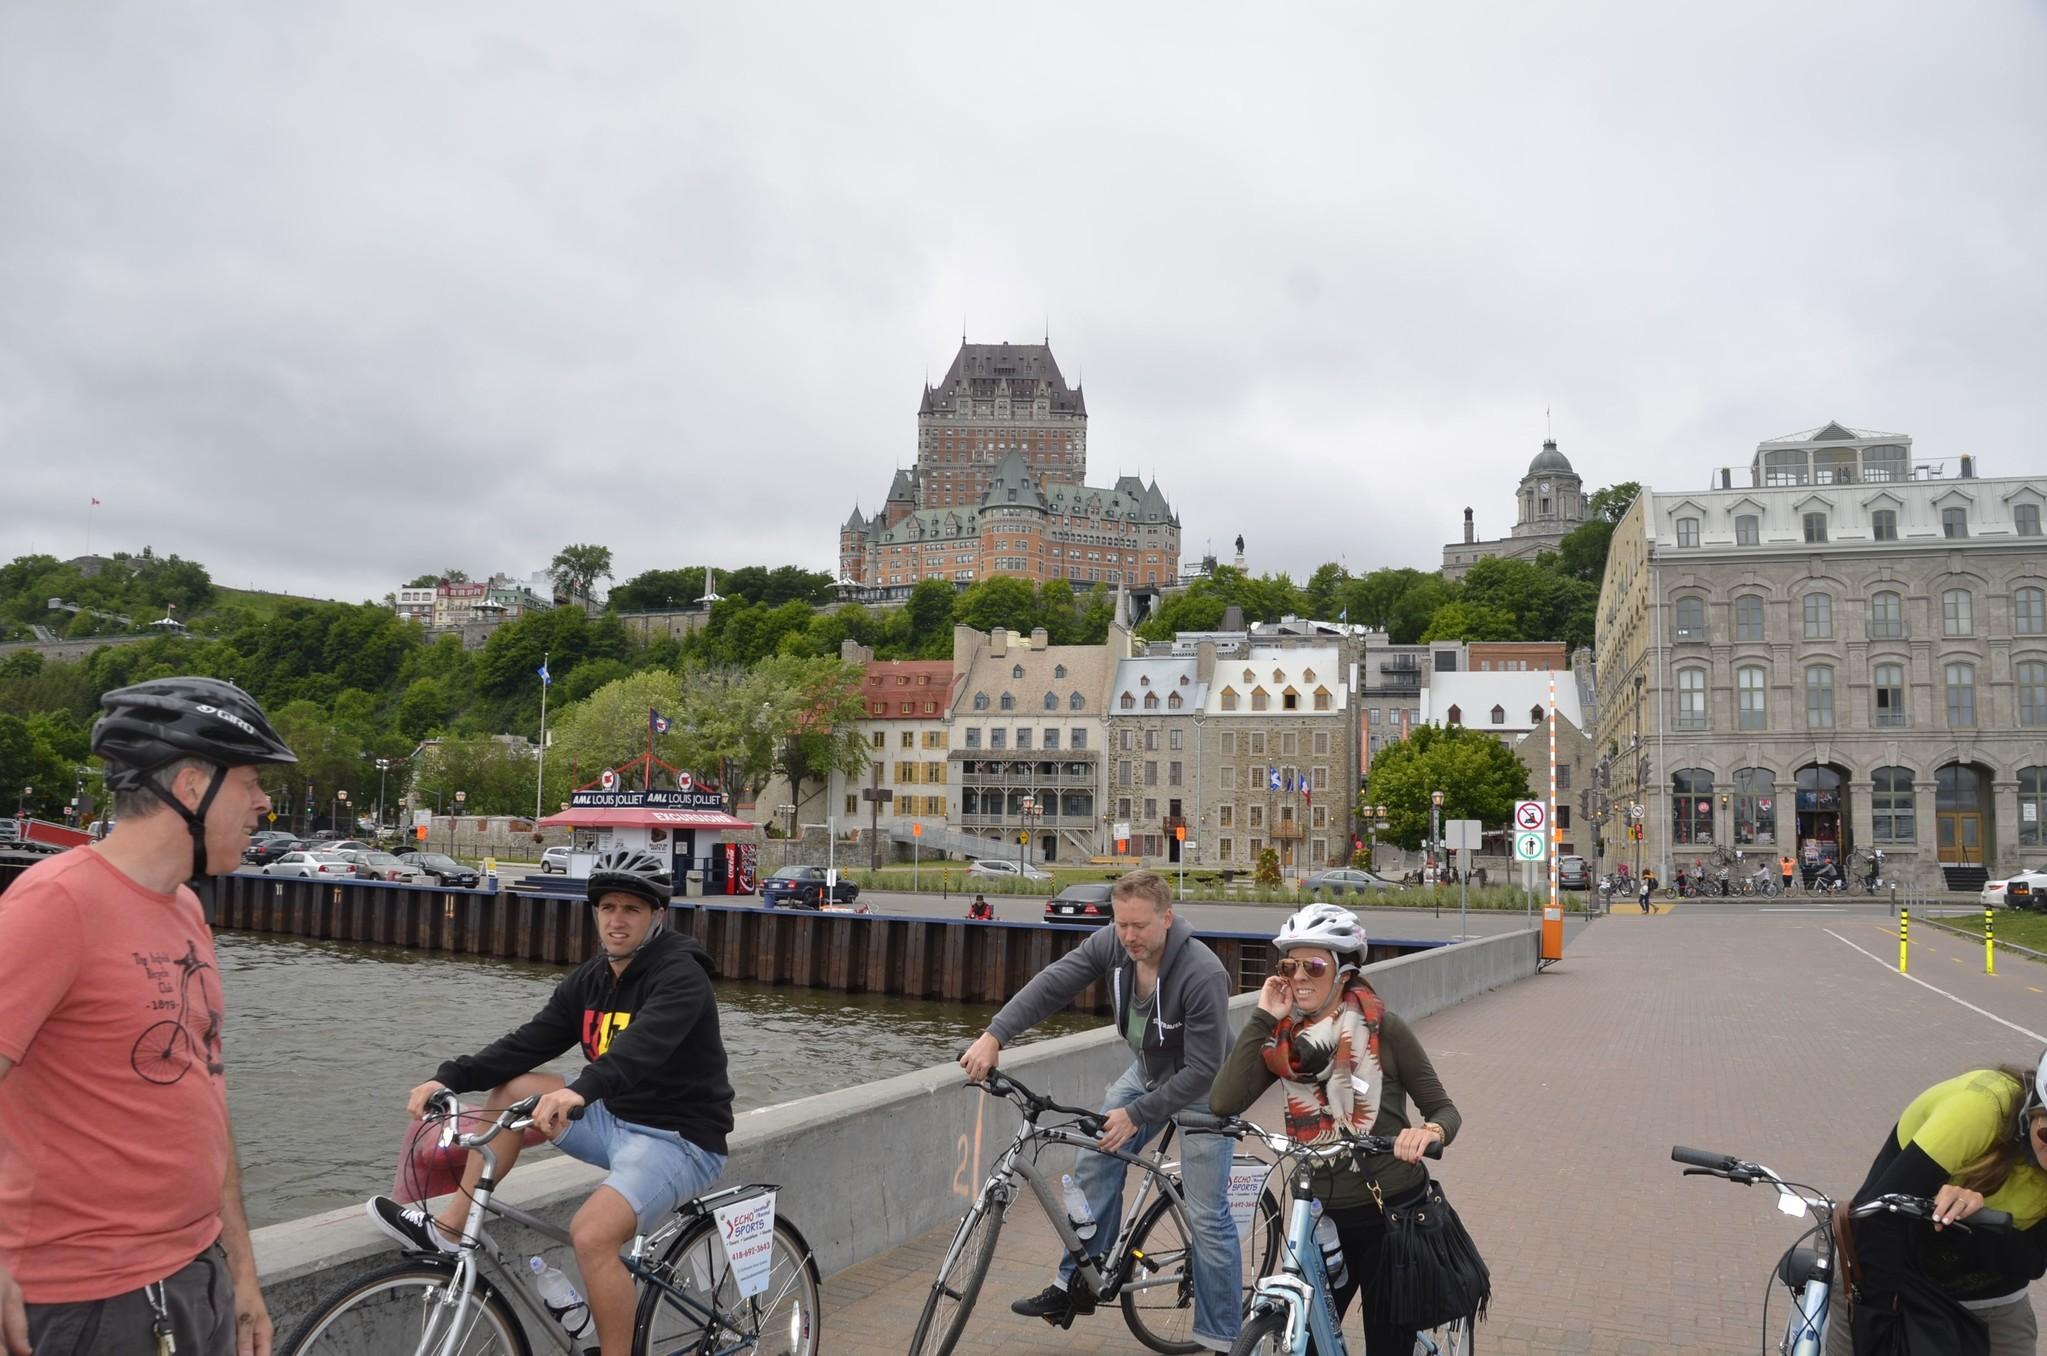 Tour guidé à vélo Québec au fil de l'eau avec votre vélo personnel, 55$